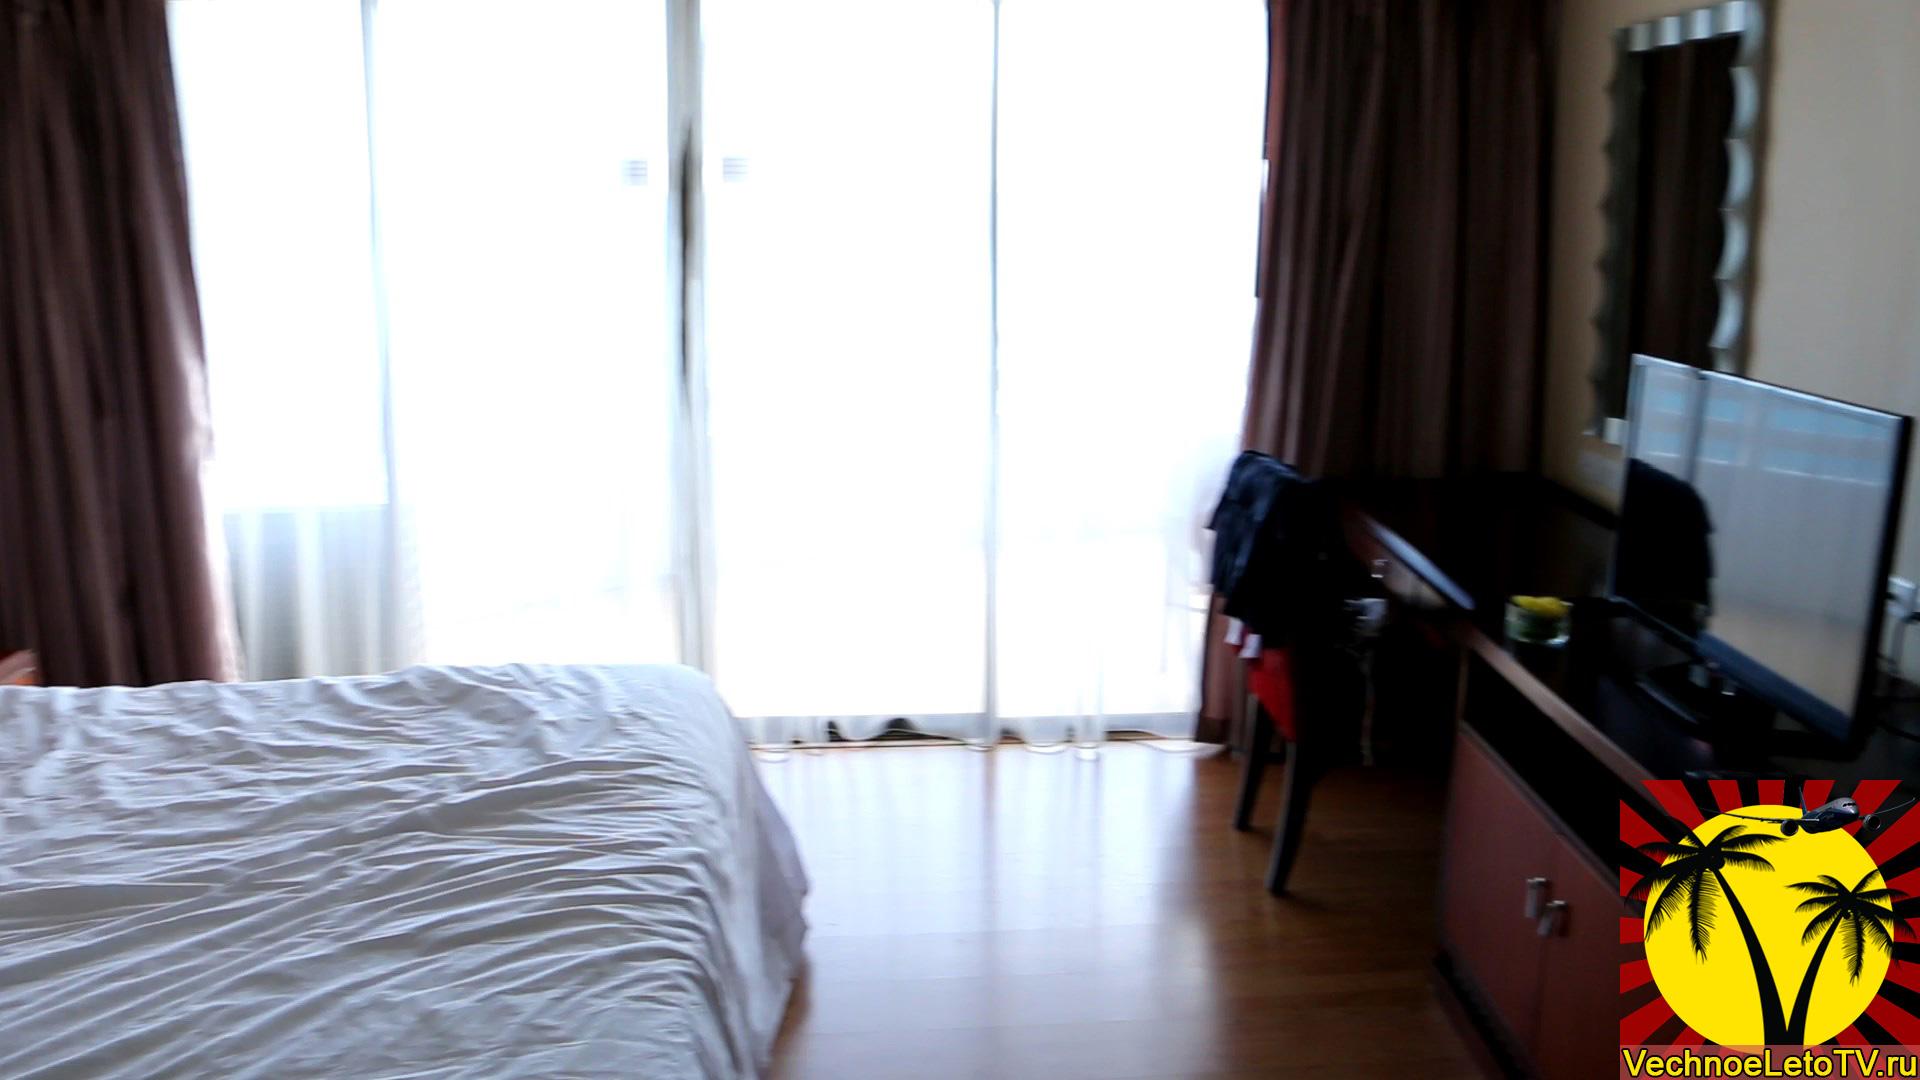 Отели-в-Таиланде-Паттайя